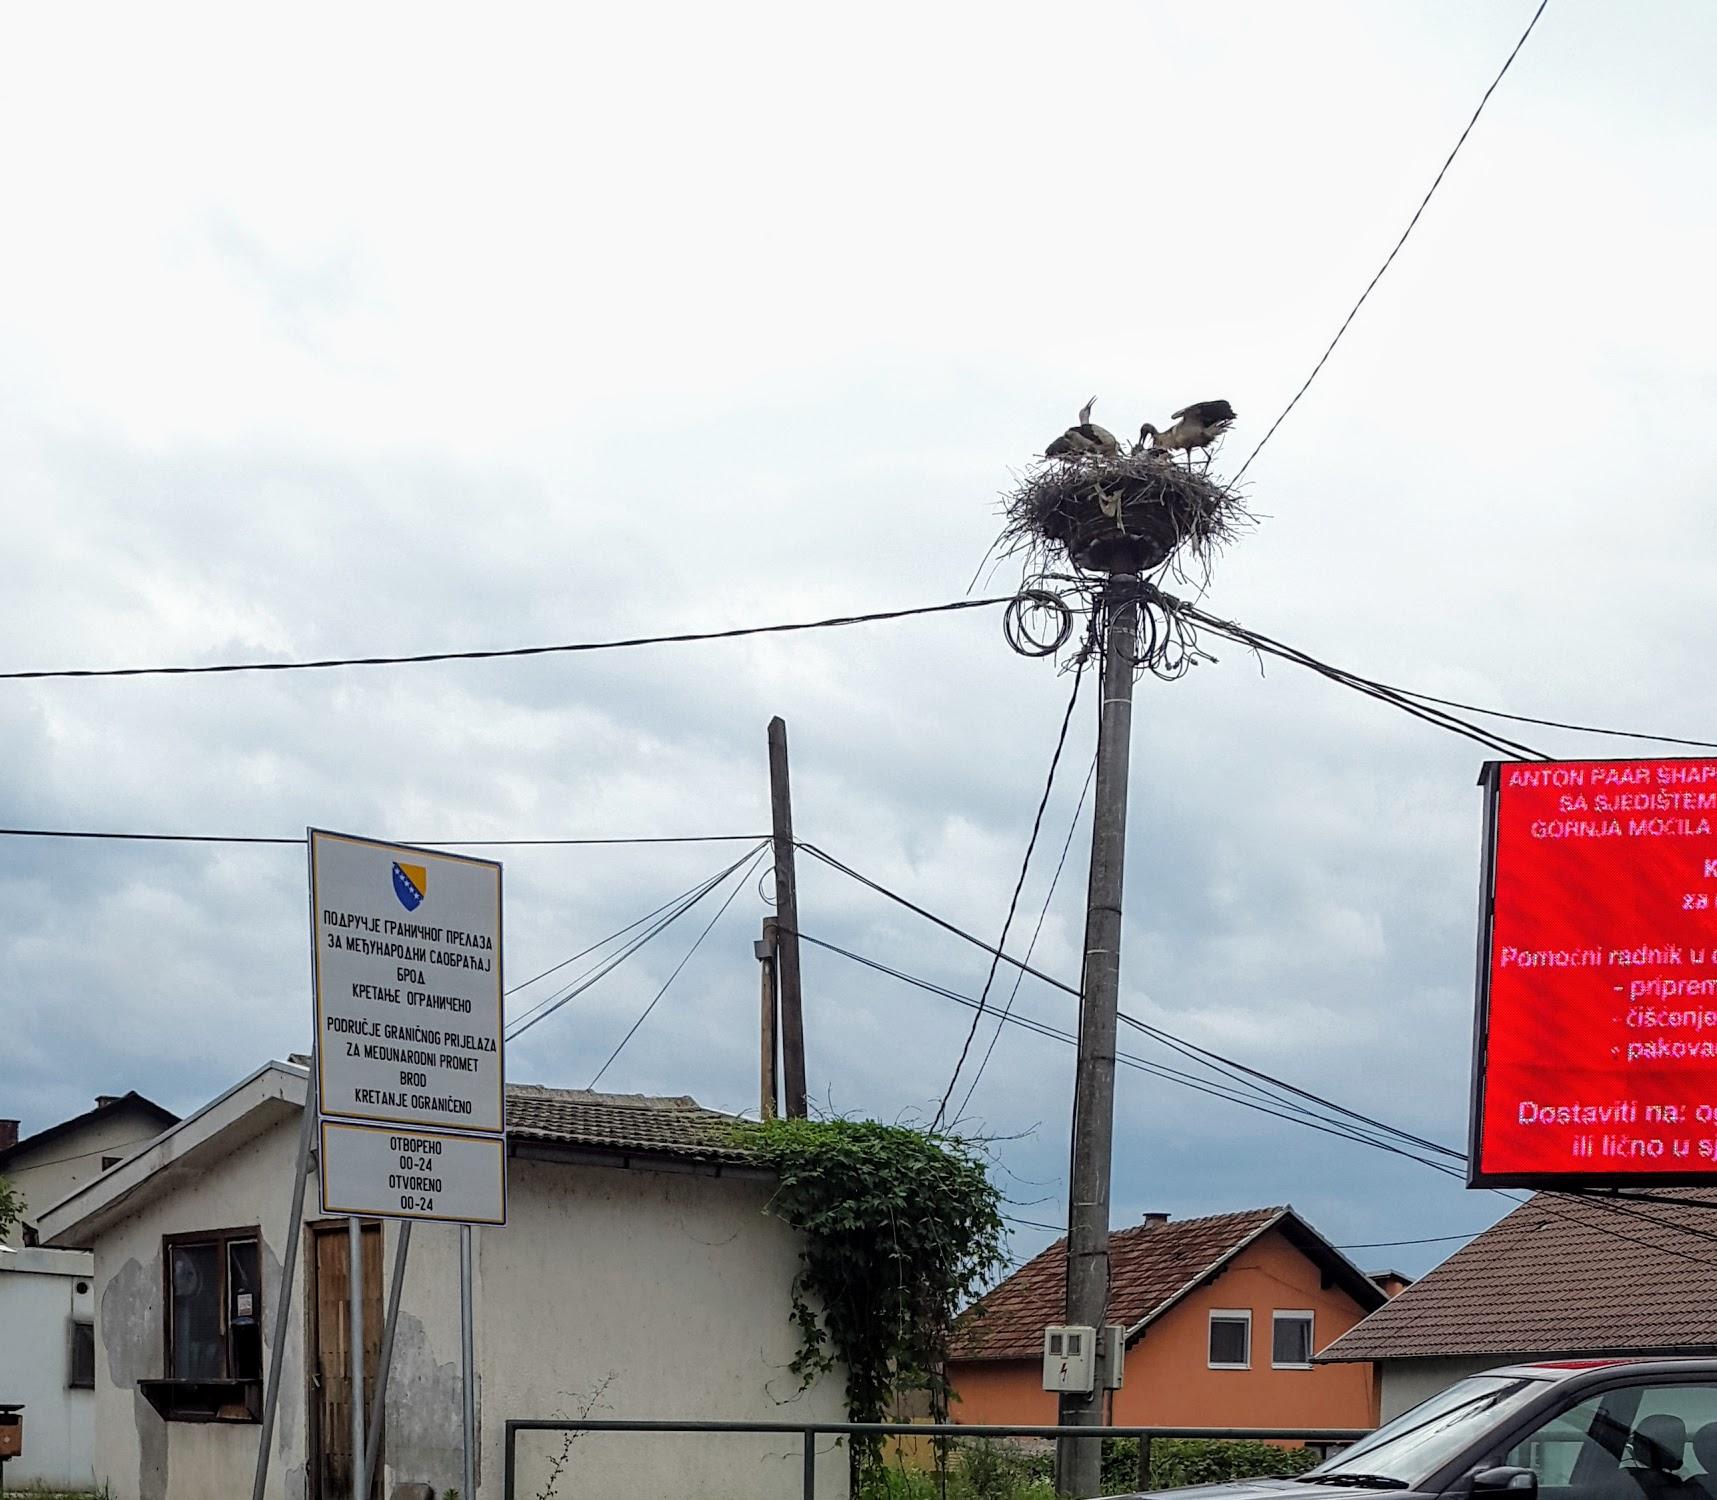 Storchennest an der Grenze zu Kroatien